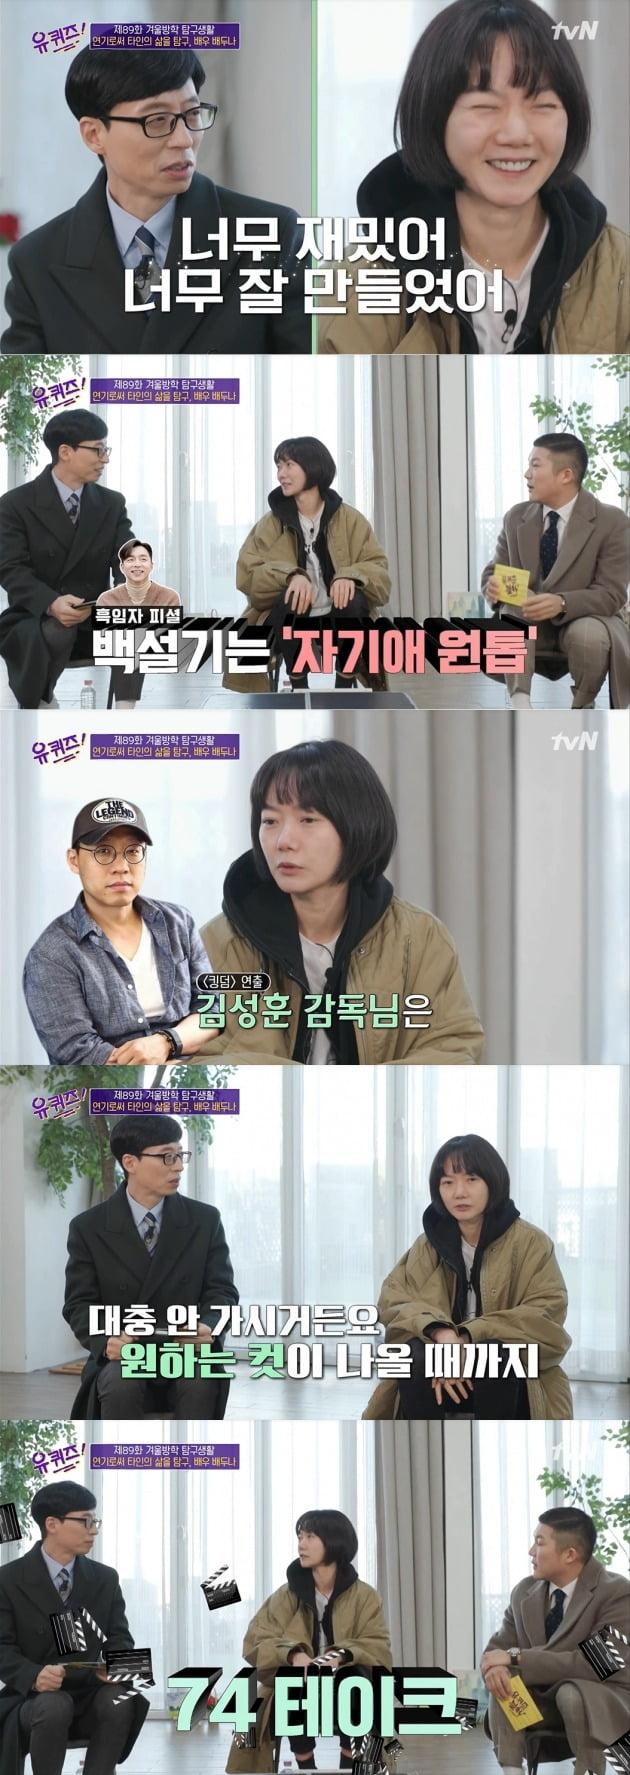 '유퀴즈'에 배두나가 출연했다. / 사진=tvN 방송 캡처